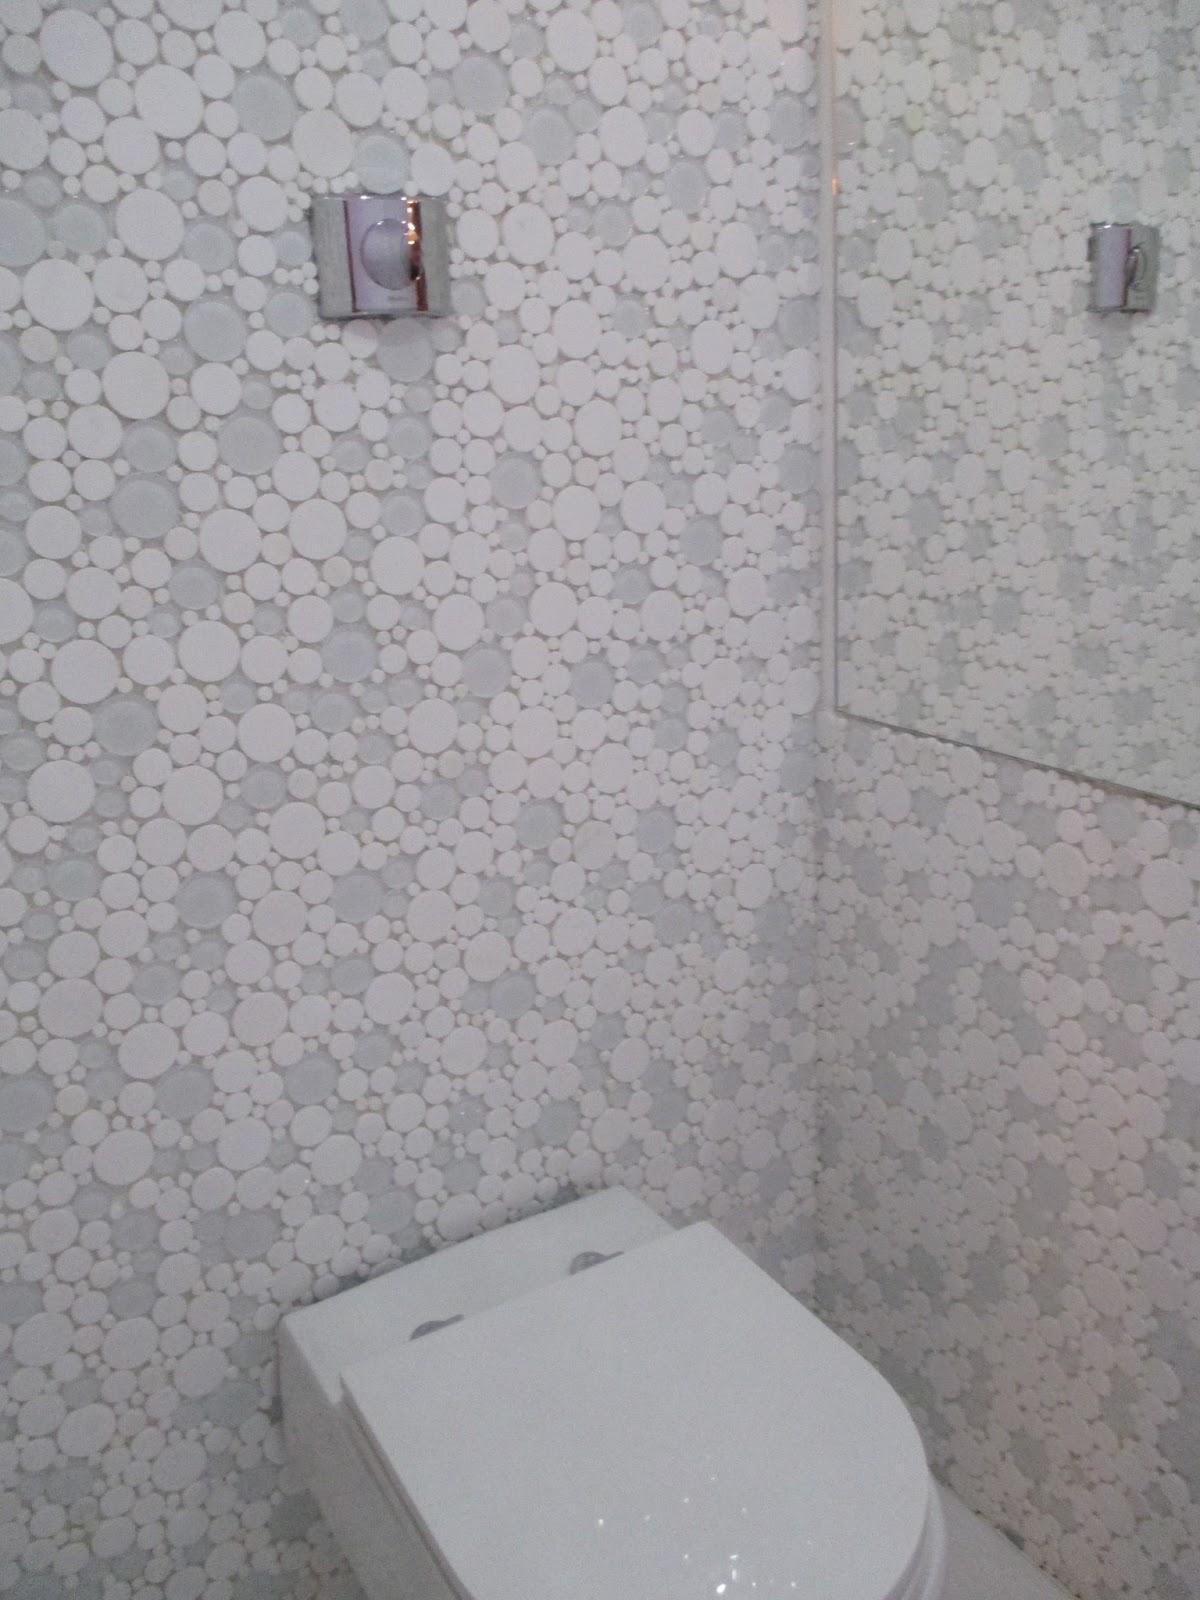 banheiro receberá esse revestimento que poderá ser no banheiro #5C4748 1200 1600